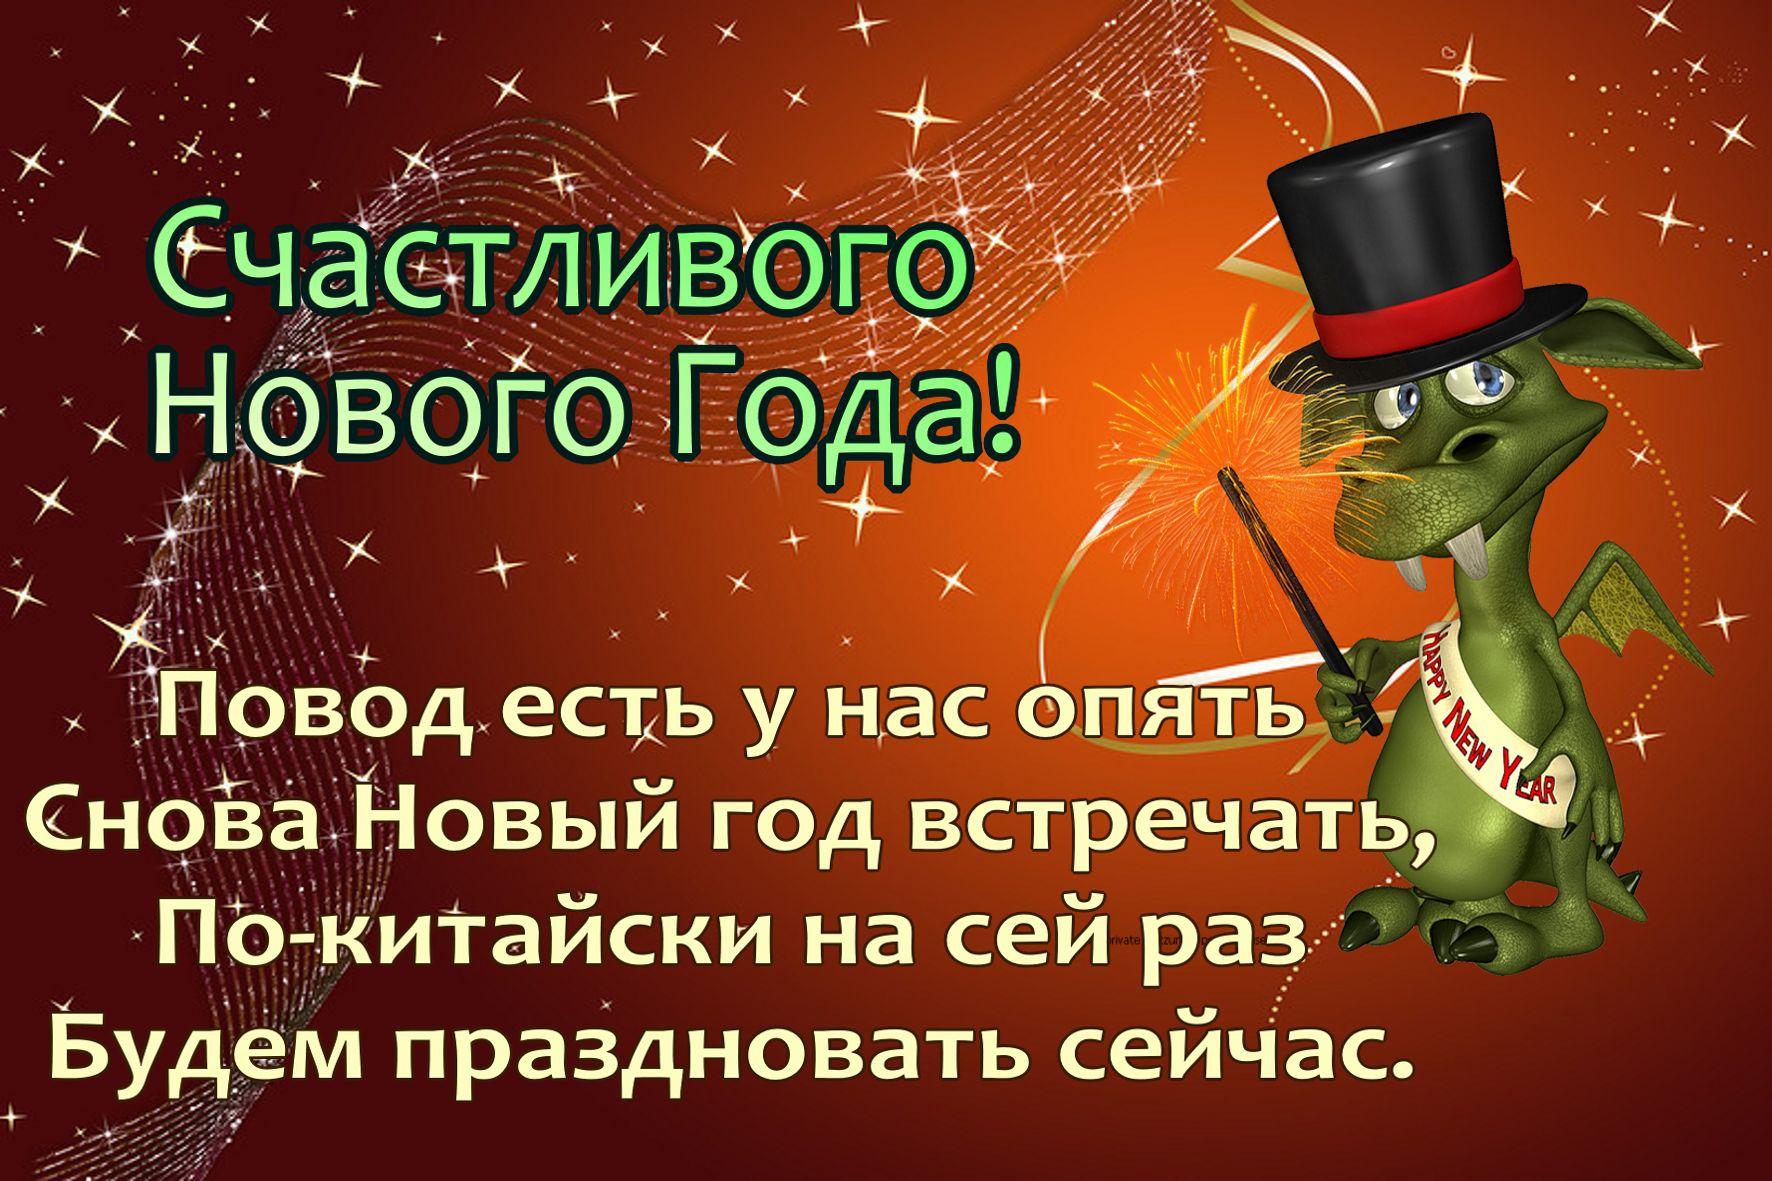 С восточным новым годом поздравление